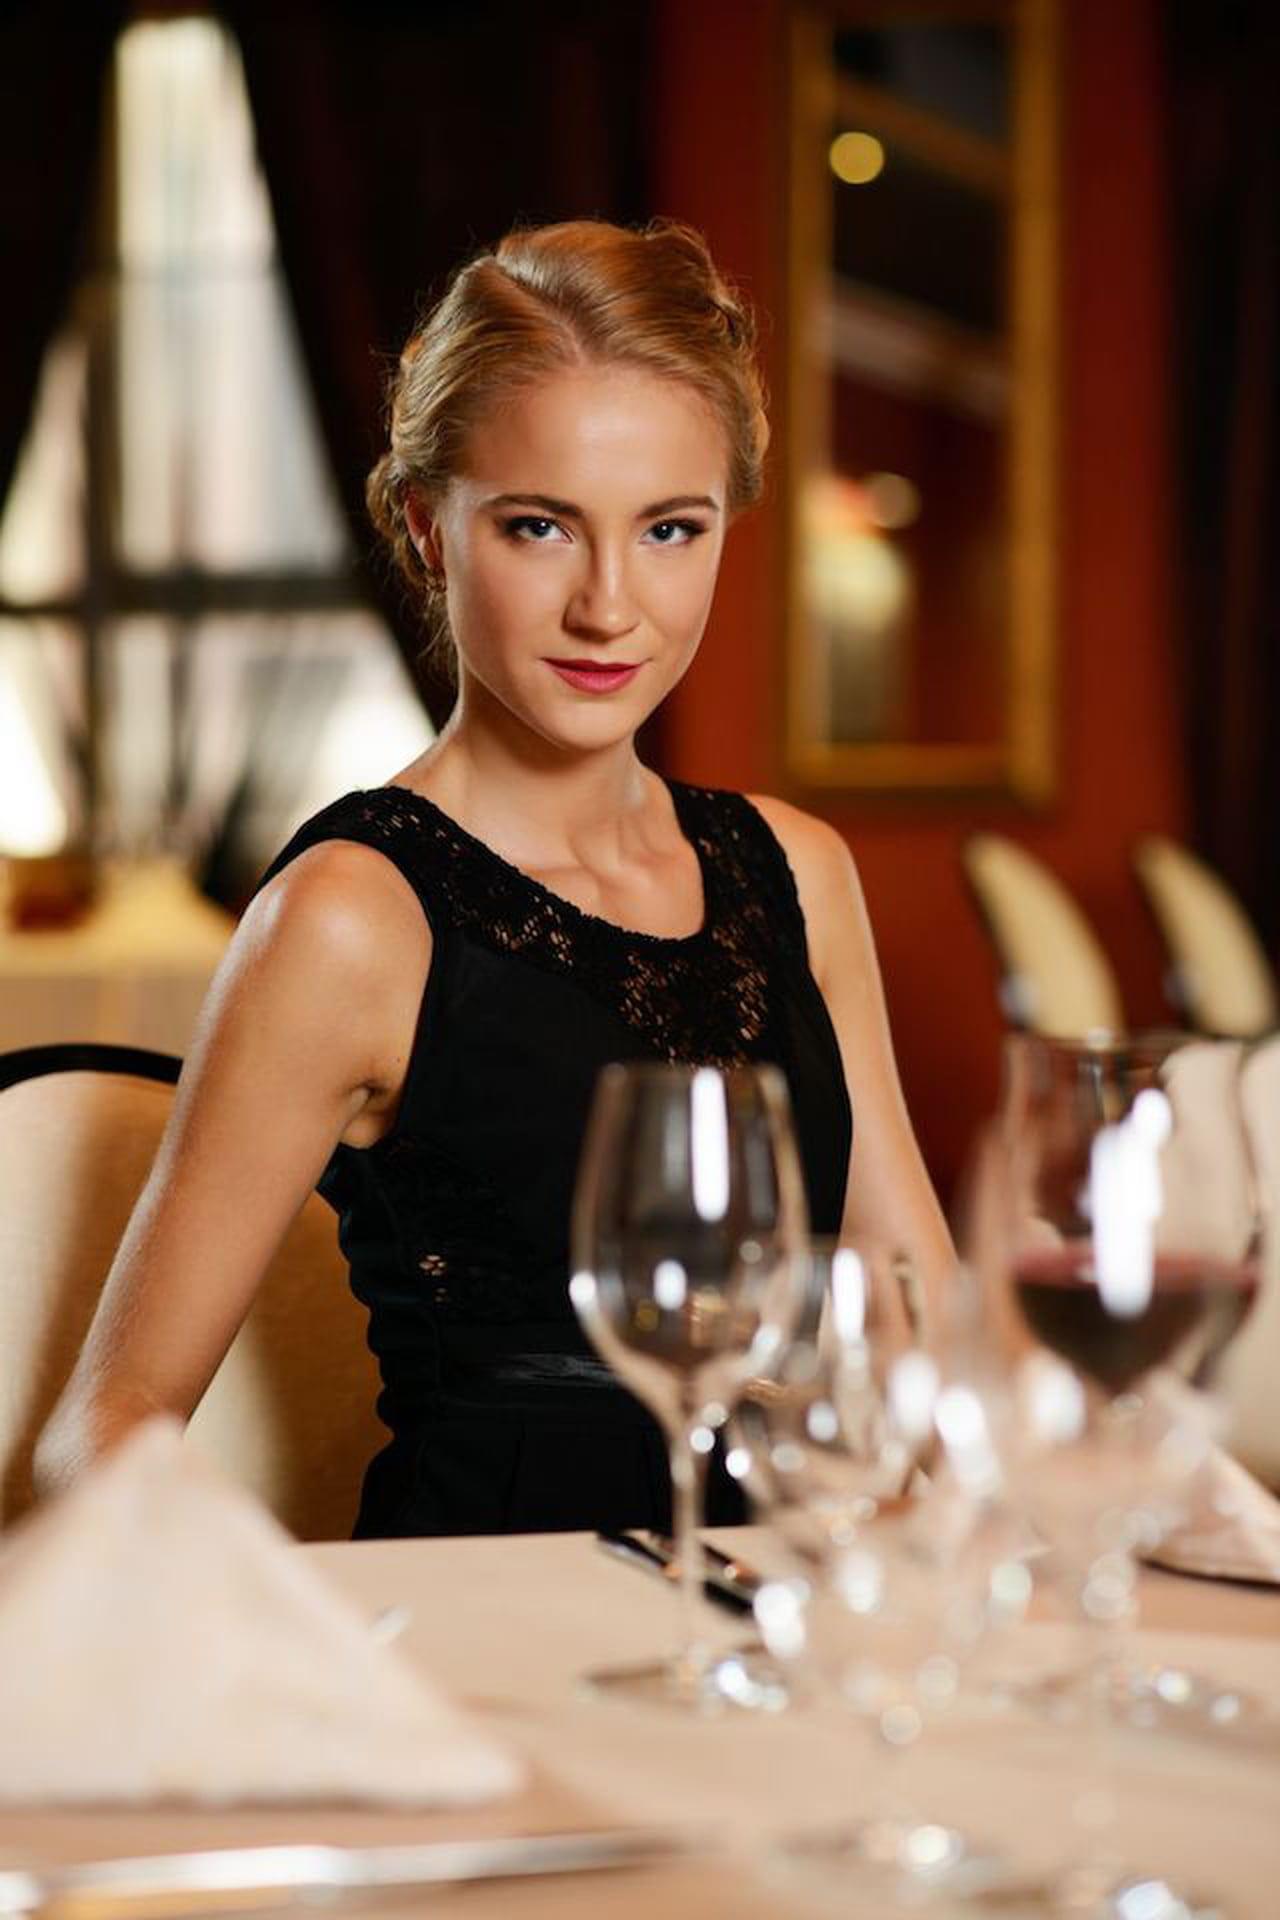 Galateo Tovagliolo A Destra galateo a tavola: regole per commensali impeccabili